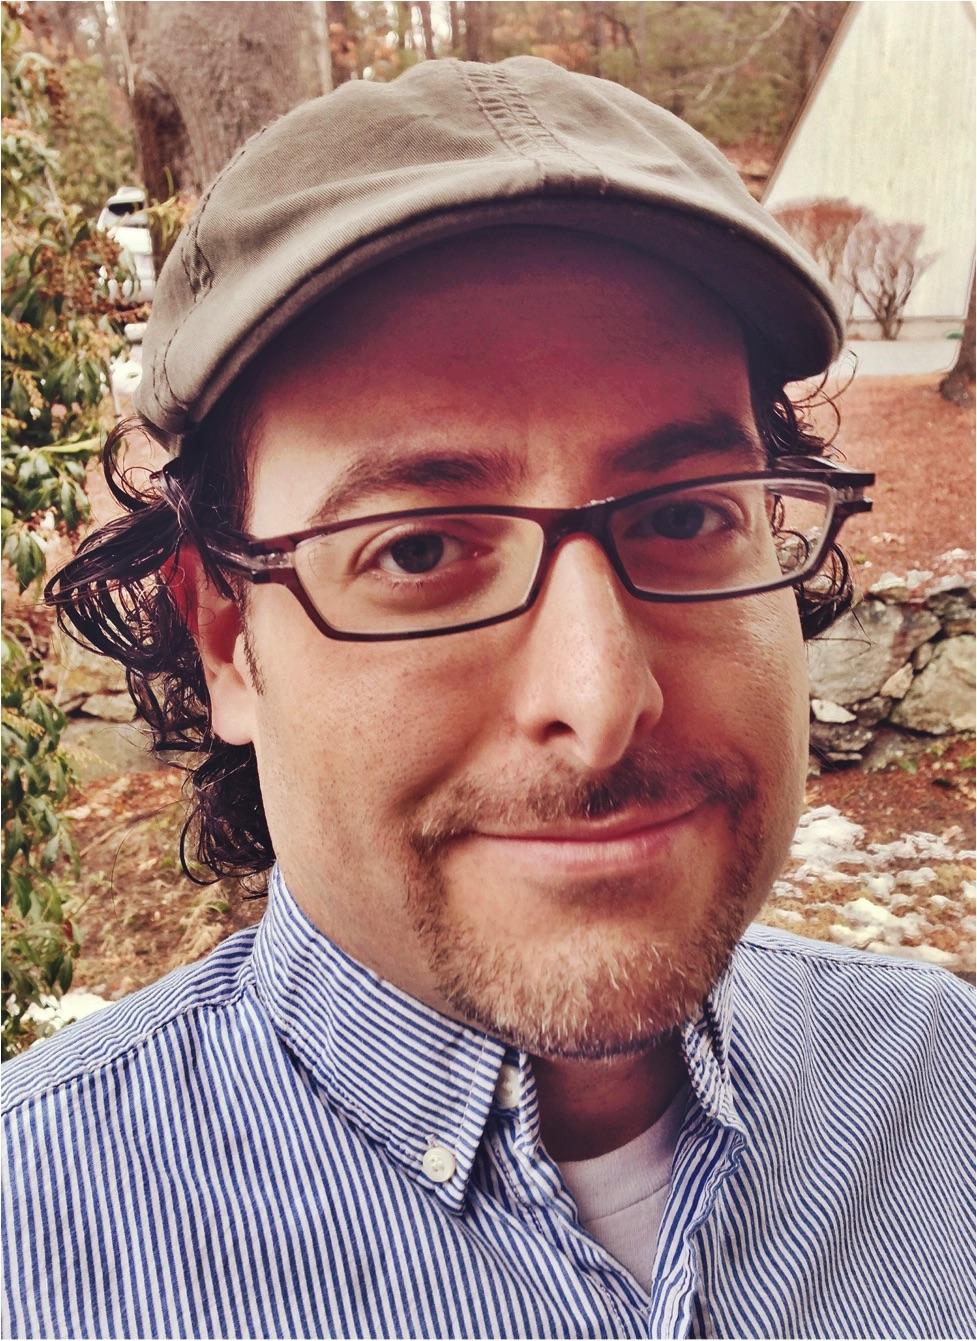 Josh Funk, author